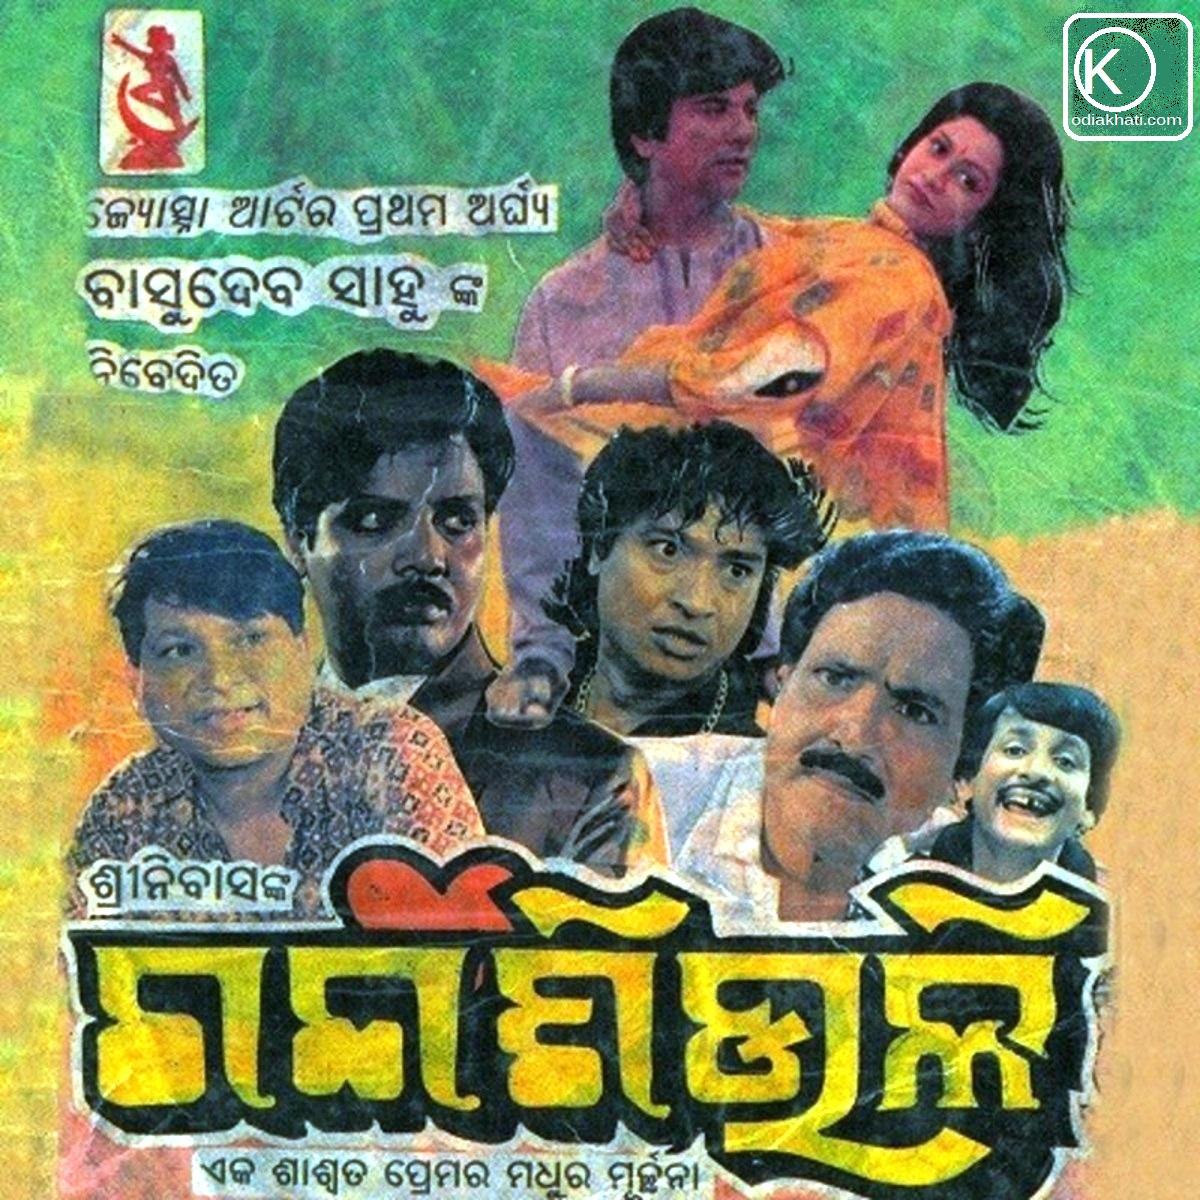 E Jibana Aaluare Preeti Aama Gangashiuli (Suarabh Nayak)